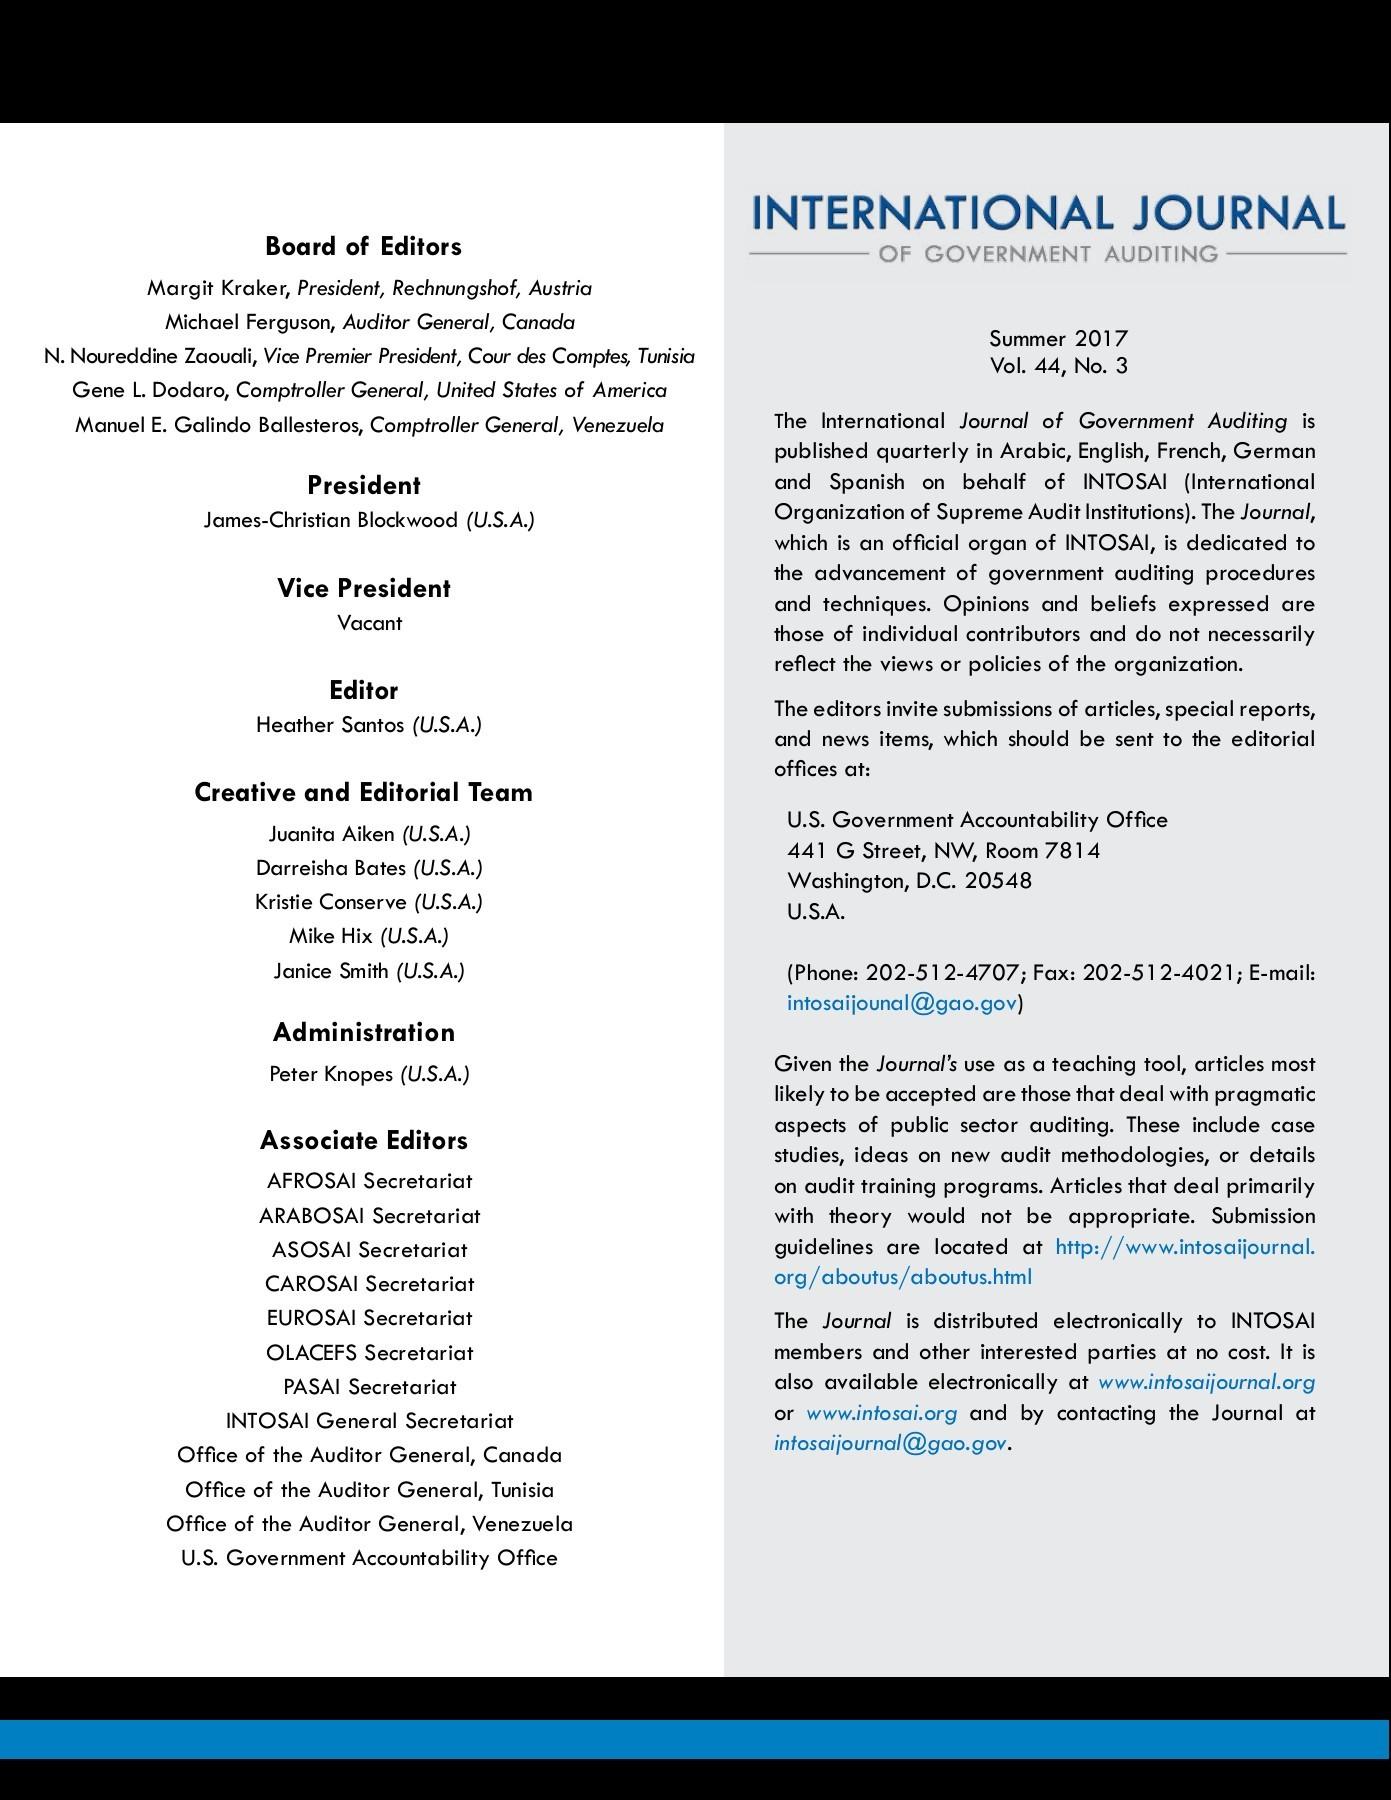 INTOSAI Journal Summer 2017 | PubHTML5